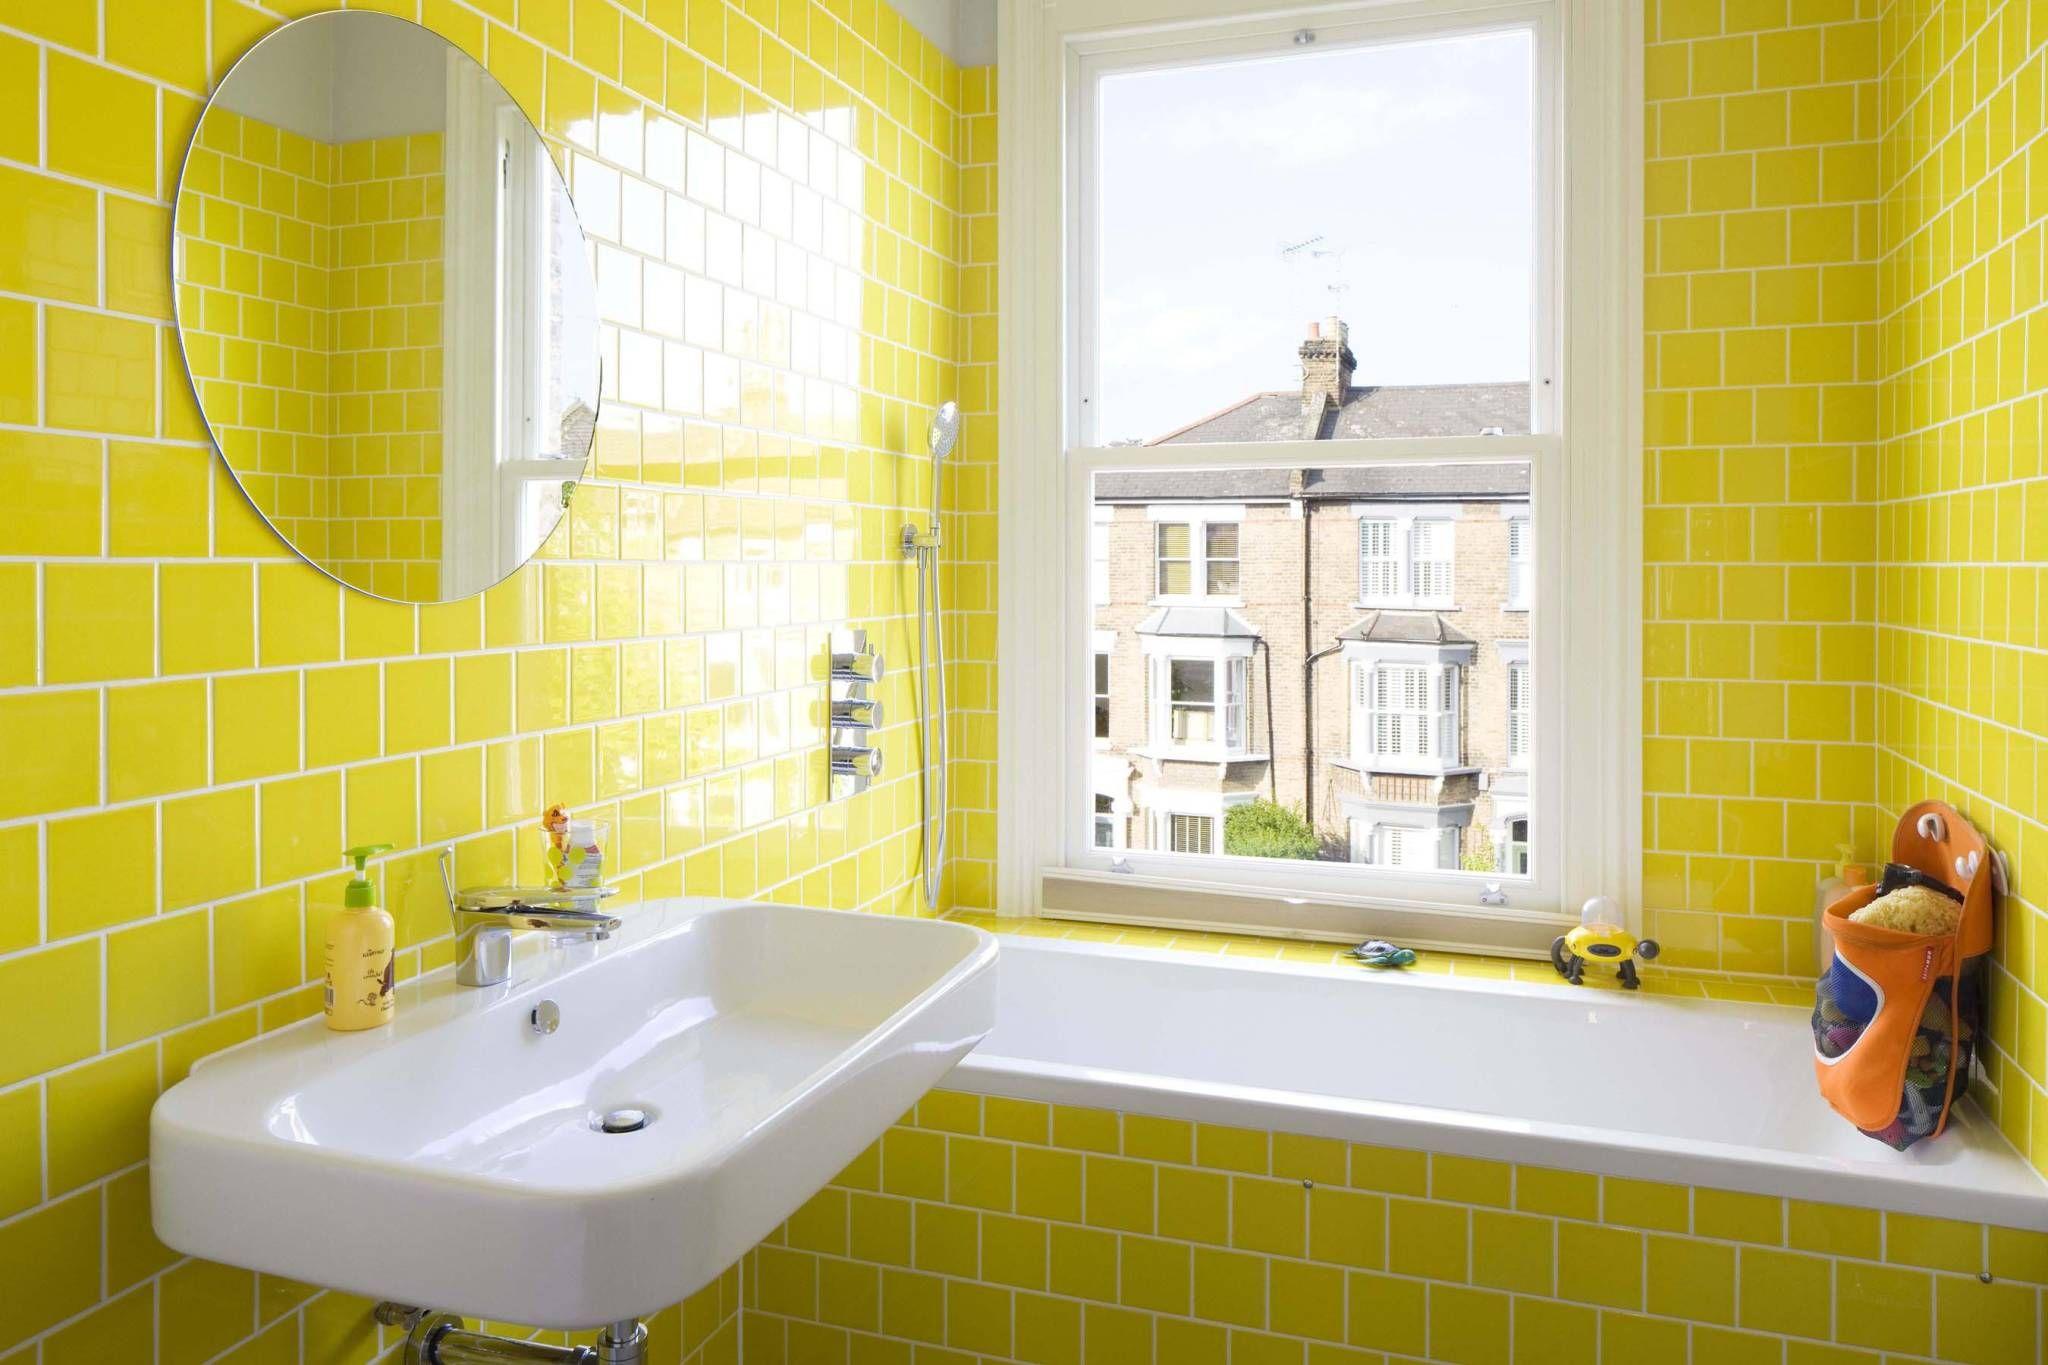 Baños de estilo moderno de Sam Tisdall Architects LLP